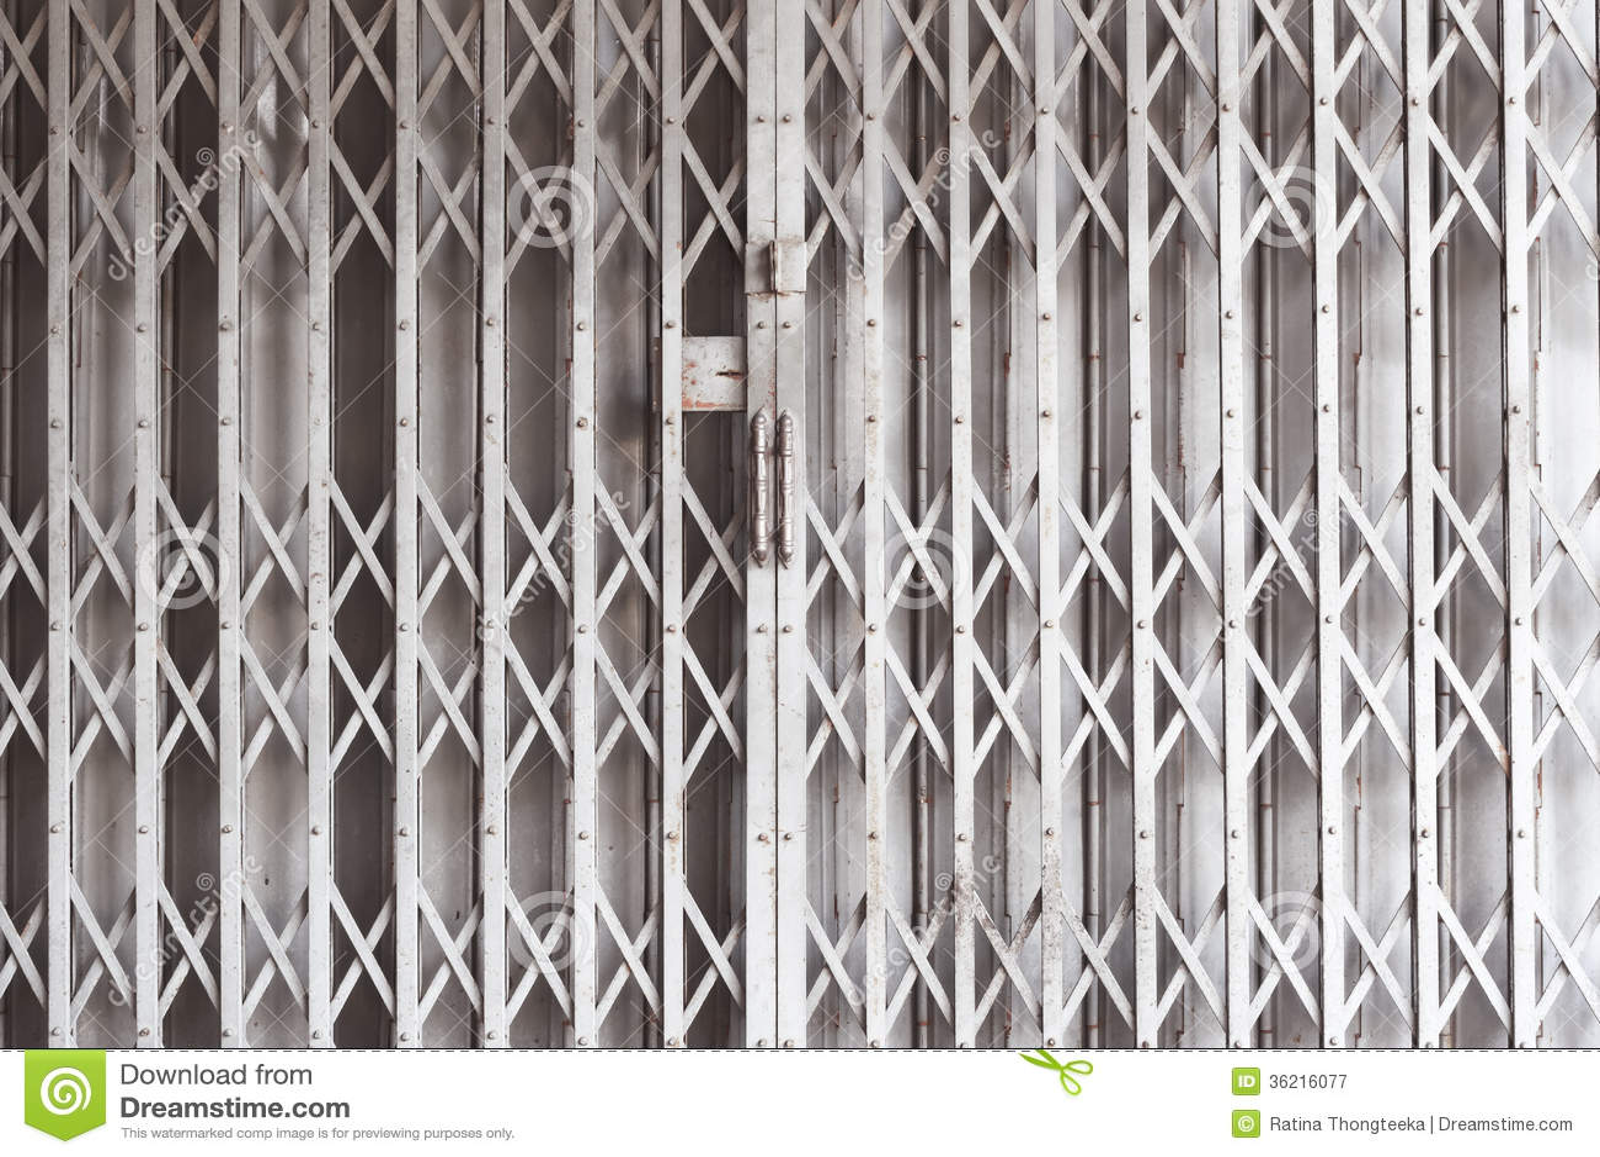 Door Metal, Shutters Shop